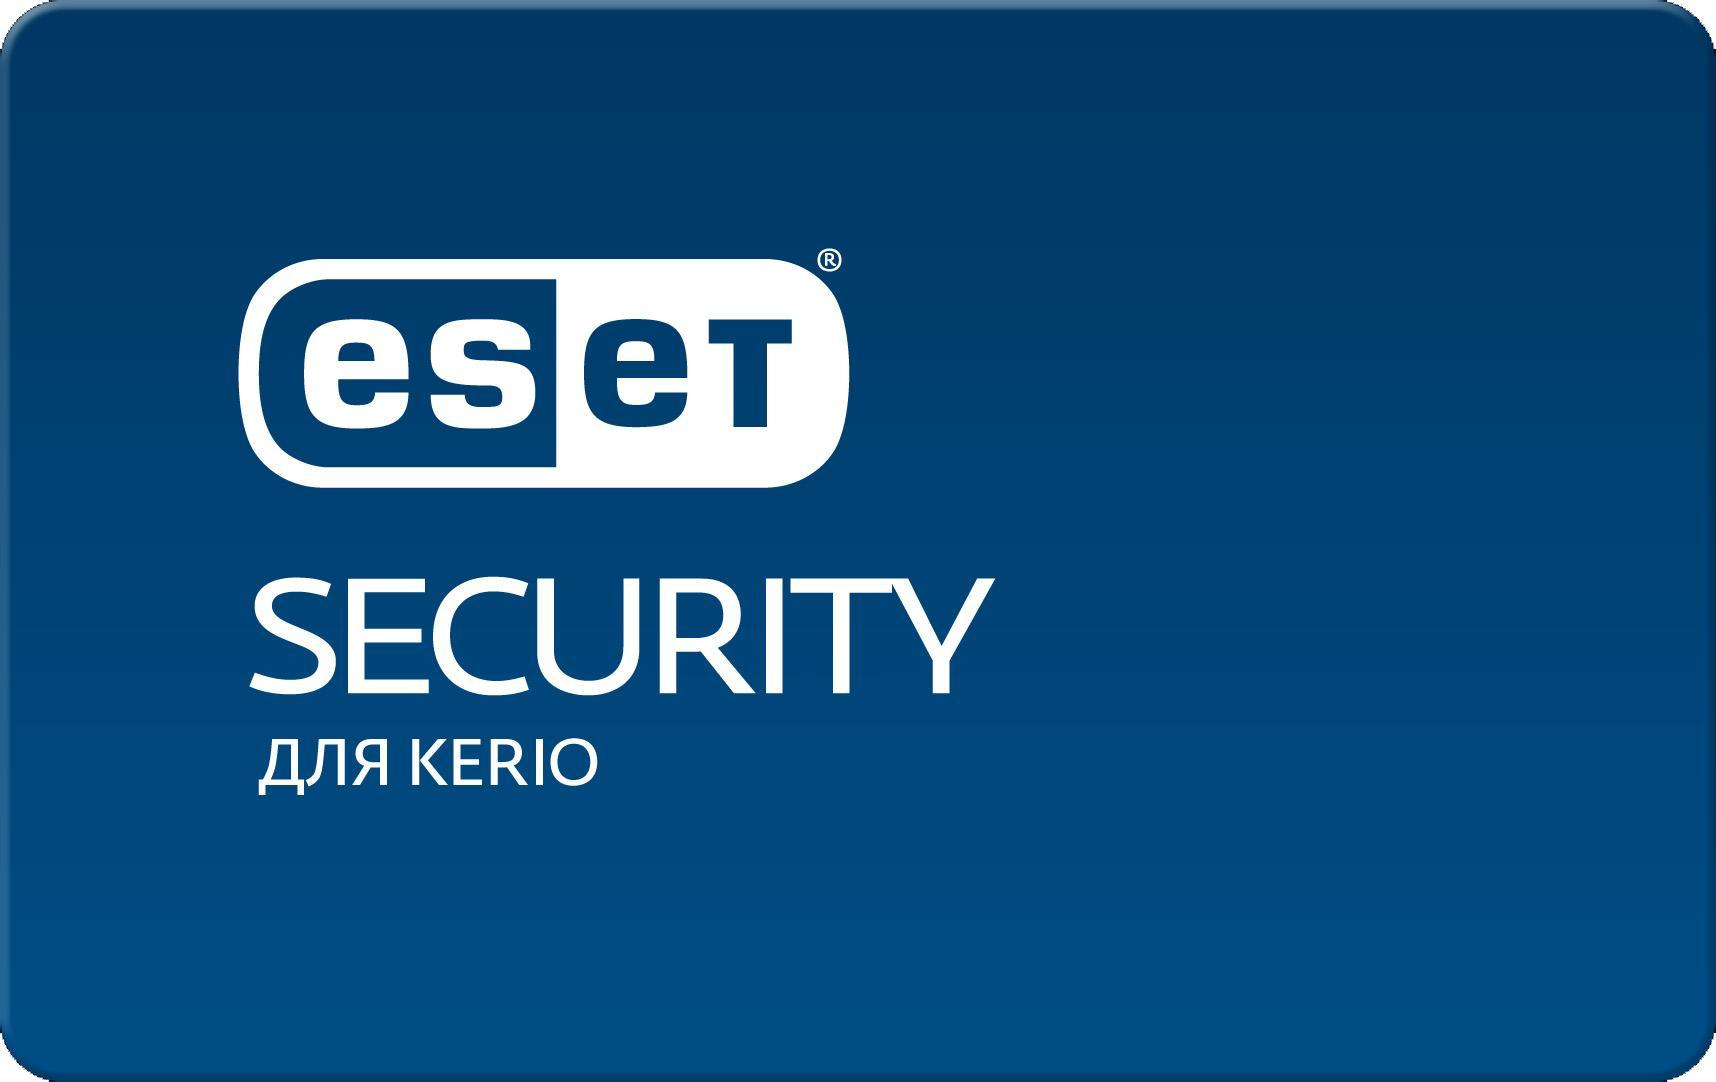 Защита почтовых серверов и интернет-шлюзов Eset Security для Kerio  для 76 пользователей